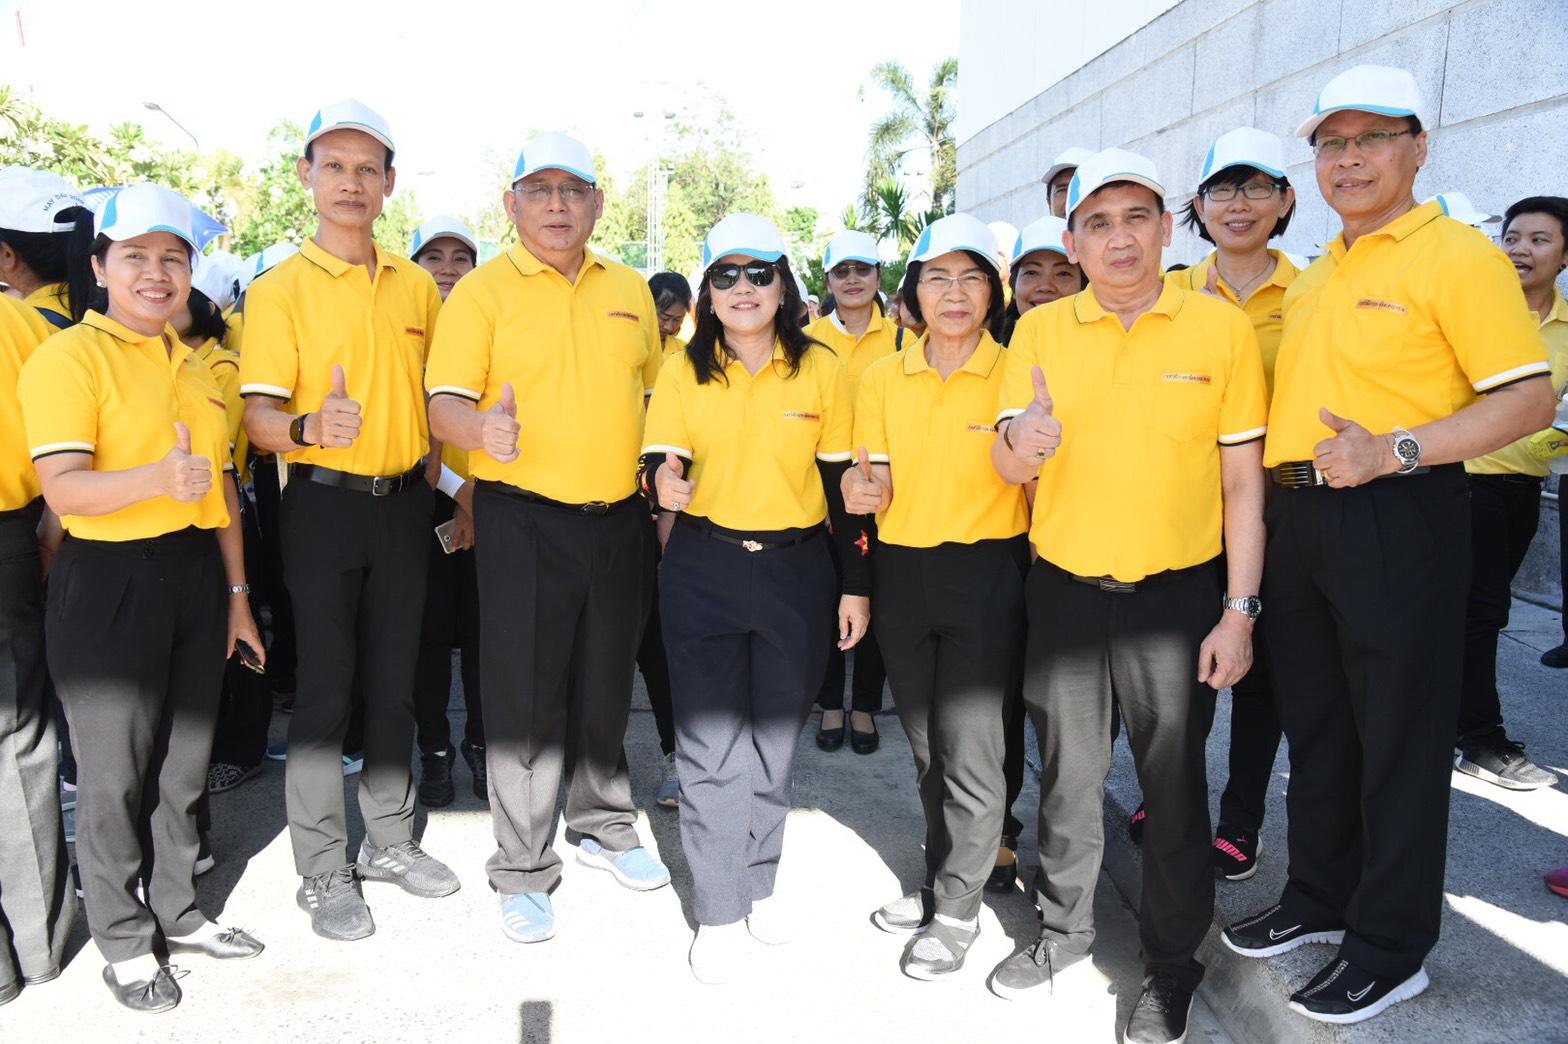 ผู้บริหารกรมการจัดหางาน ร่วมพิธีสงฆ์พร้อมร่วมริ้วขบวนกระทรวงแรงงาน เนื่องในวันแรงงานแห่งชาติ ปี 2562